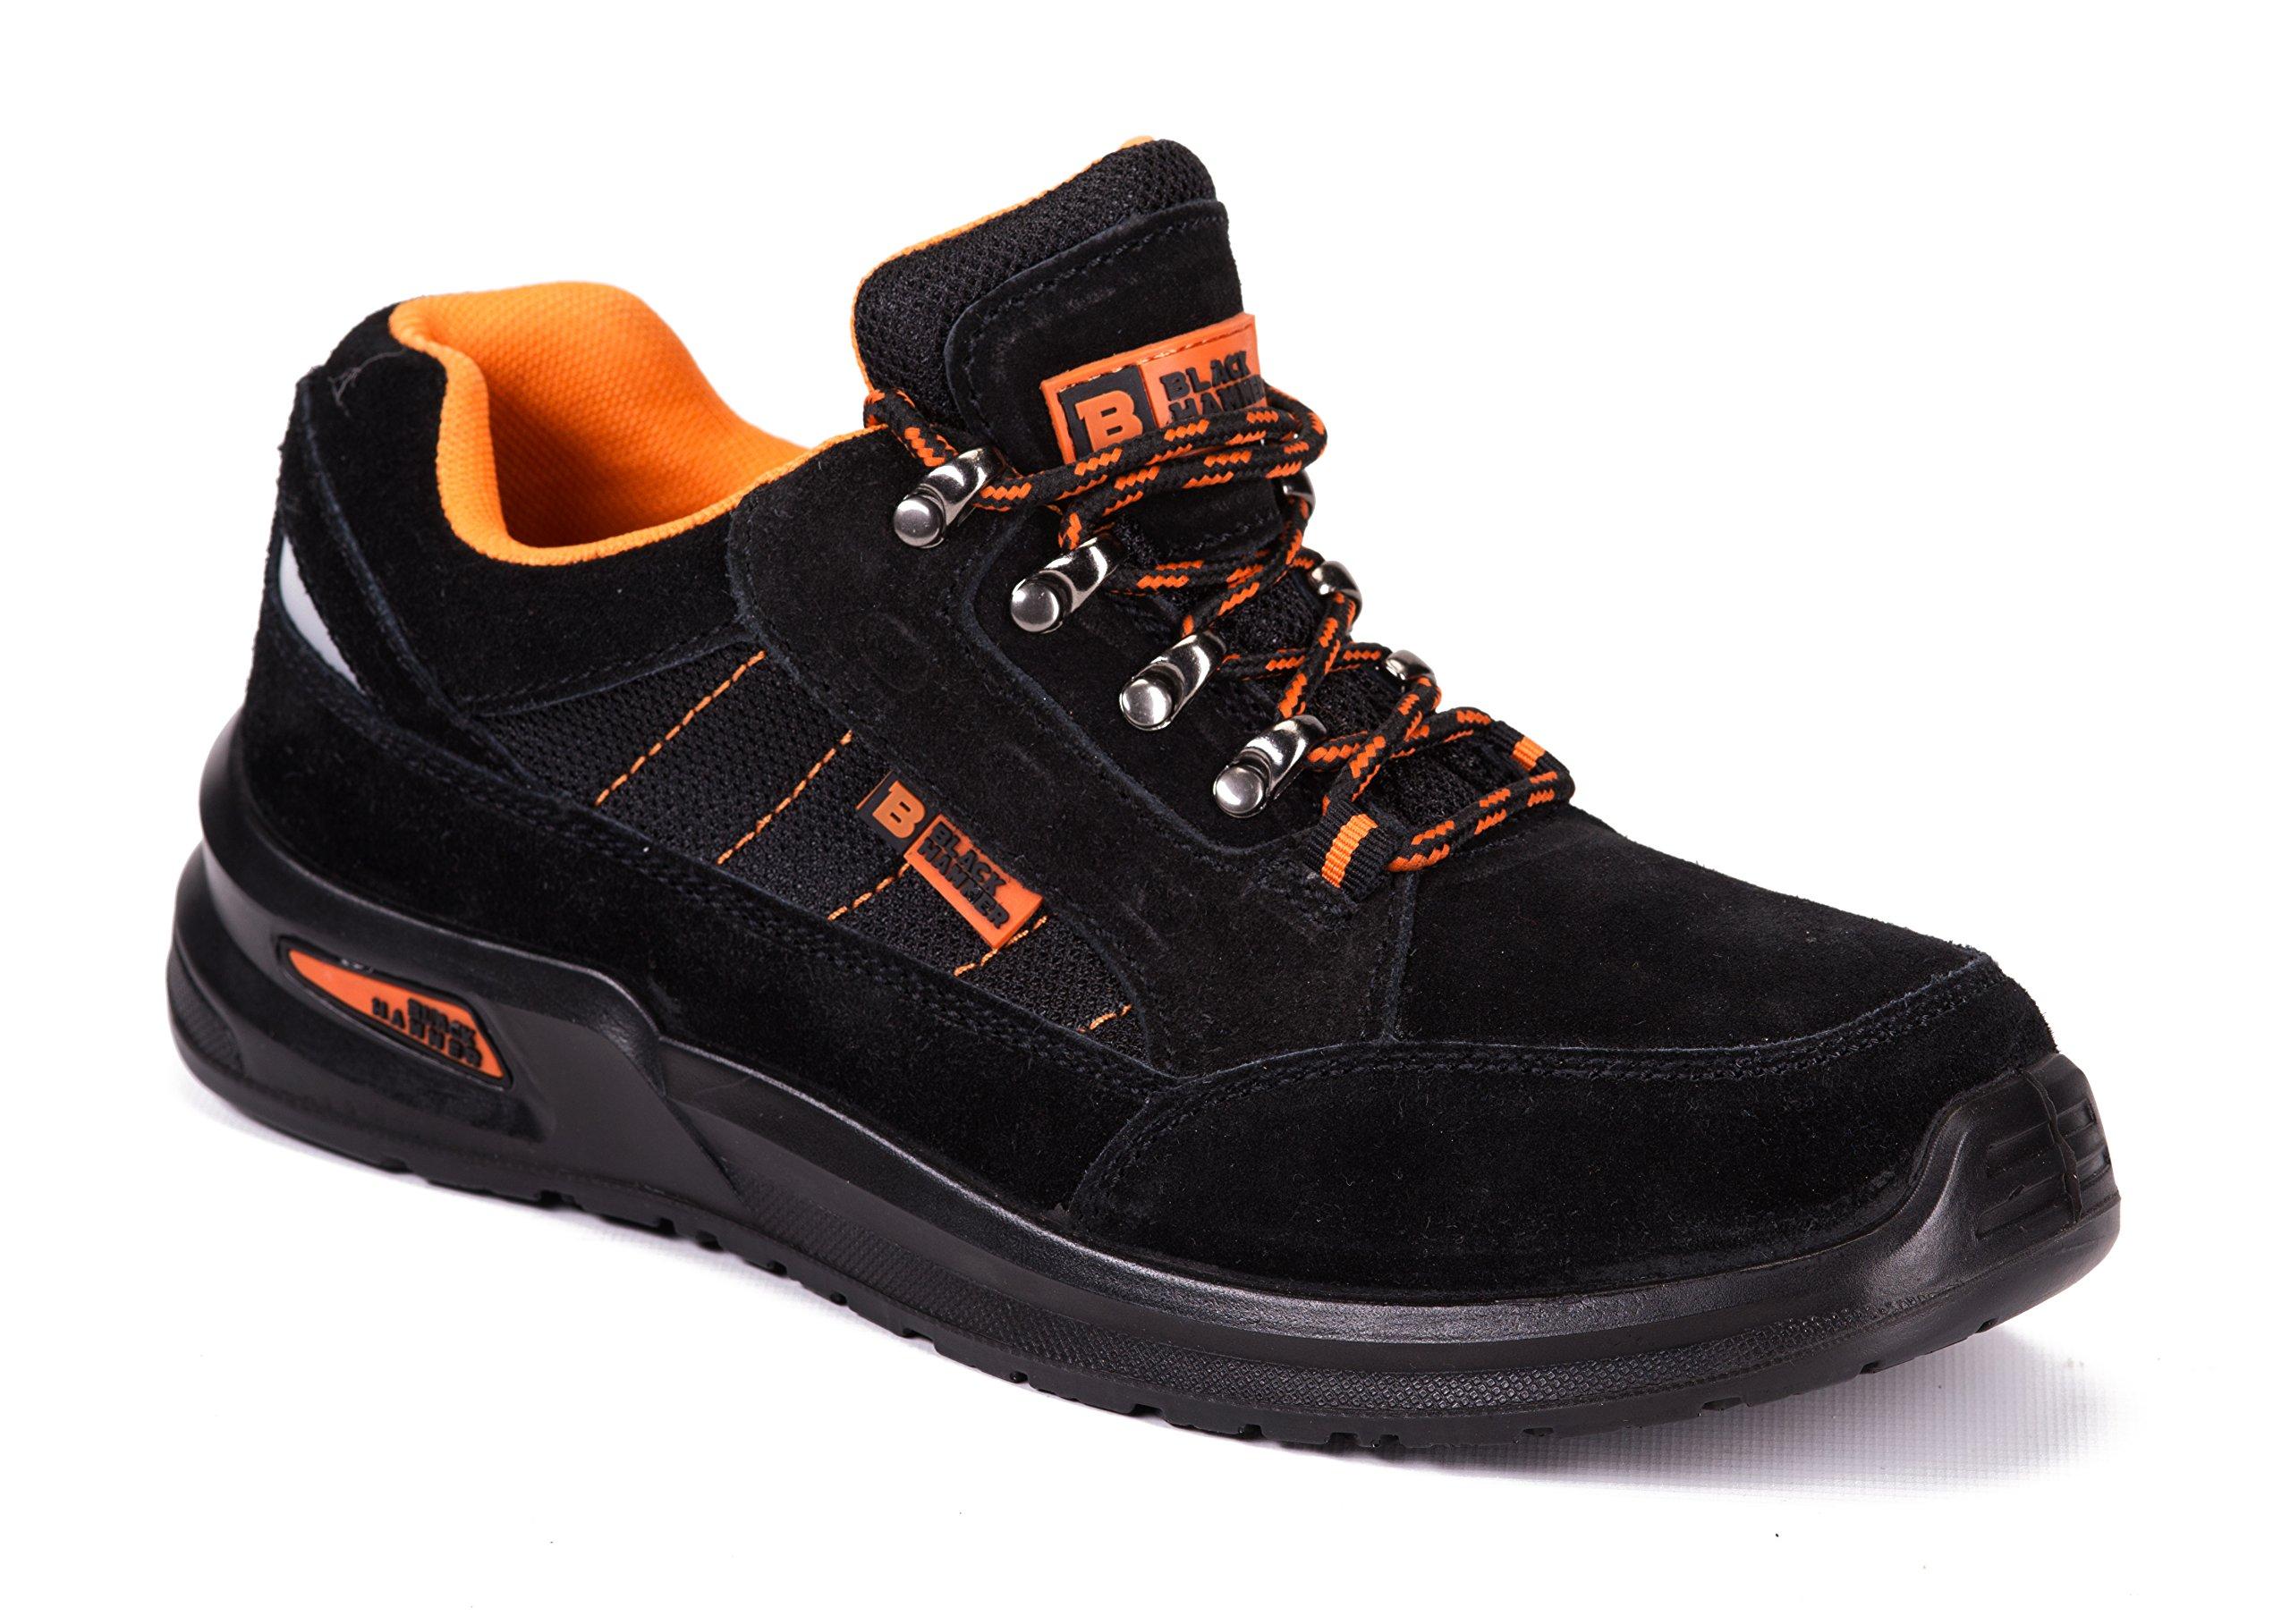 Botas para Hombre De Seguridad Puntera De Acero Zapatos De Trabajo Senderismo Plantilla De Protección Unisex